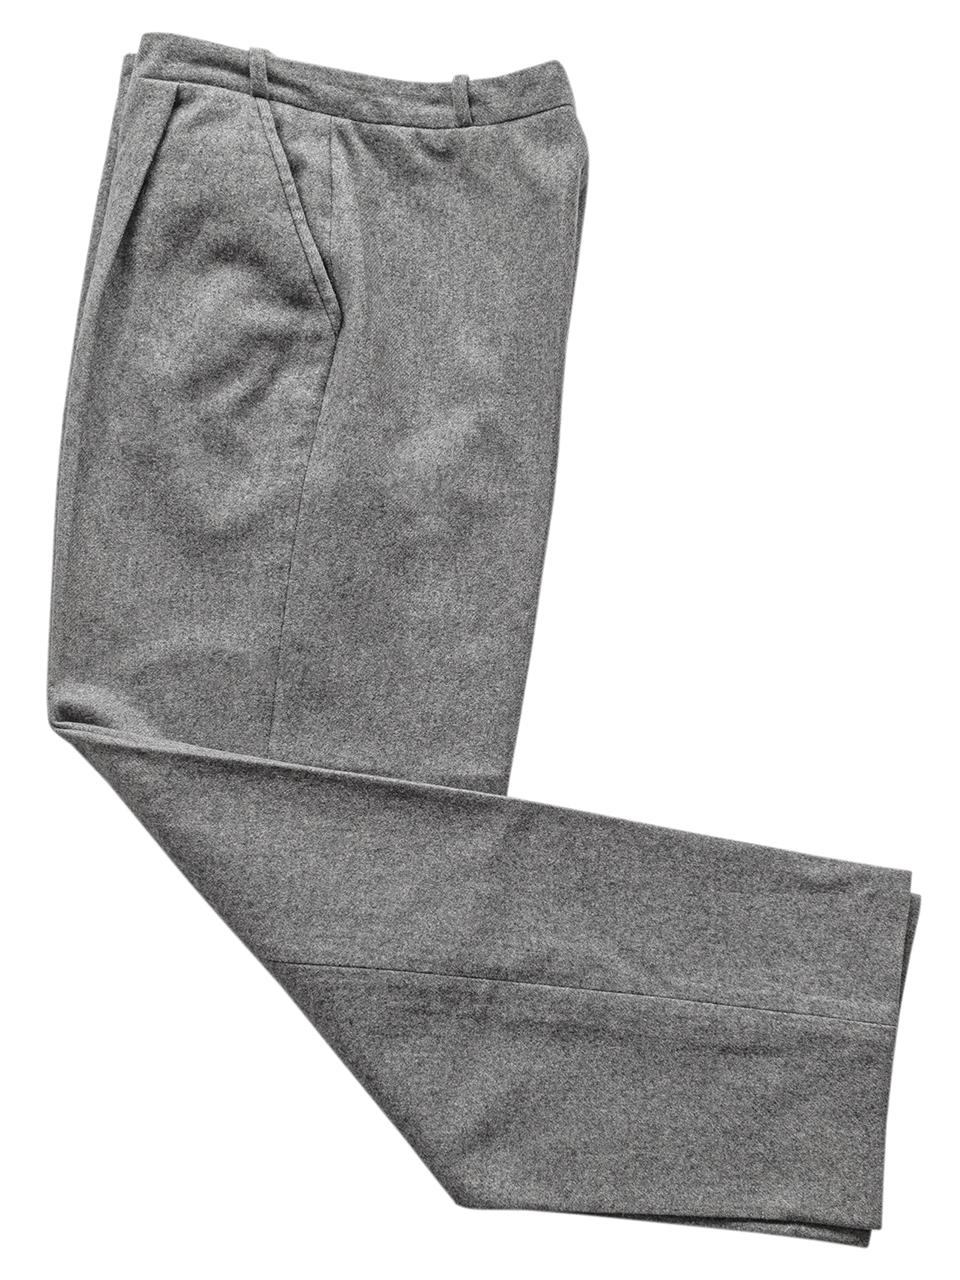 1980年代ウール地パンツ